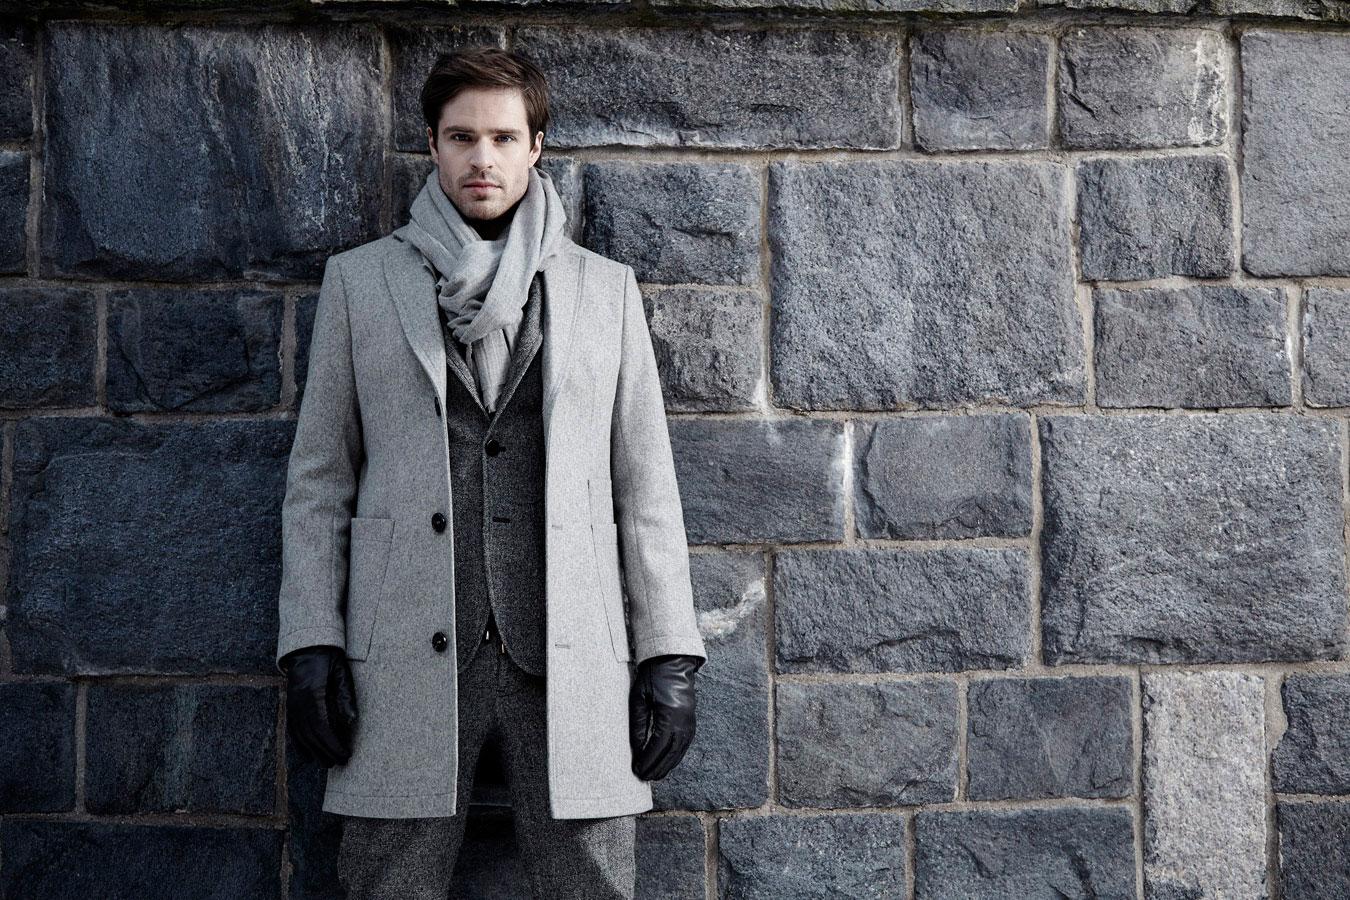 6571d2c205c2 Мужская одежда — бренды, стиль, правила выбора